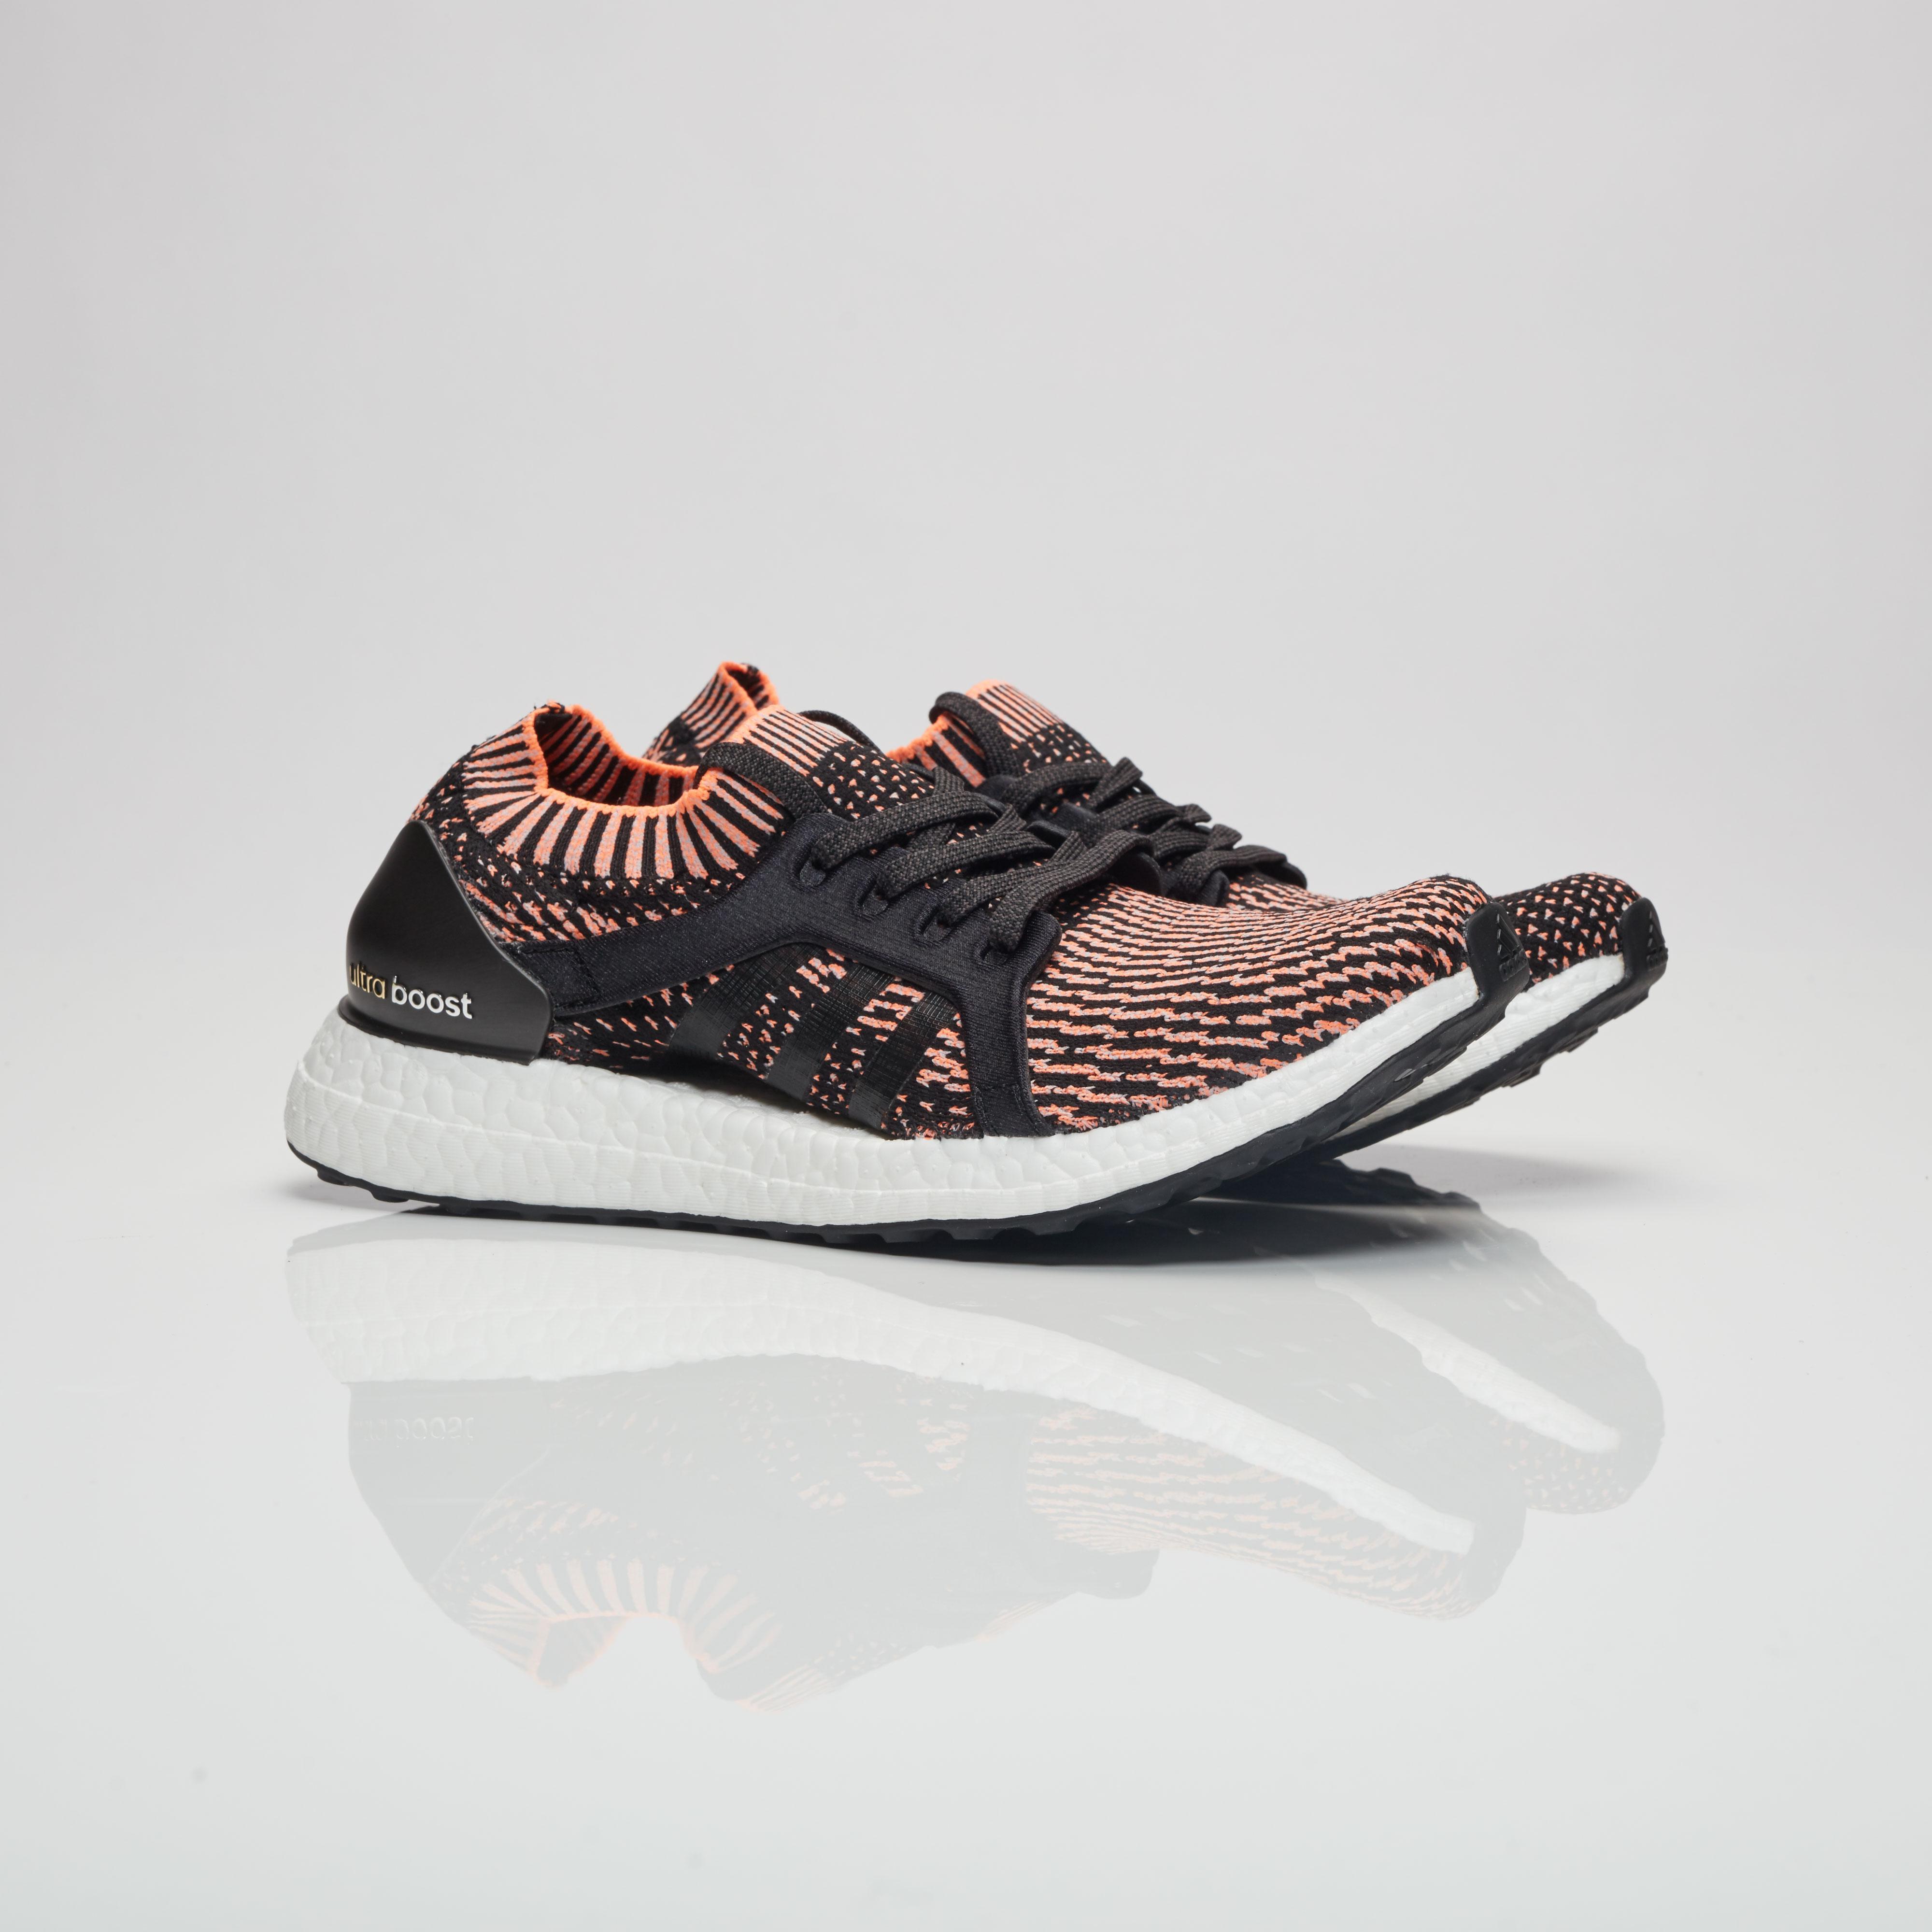 hot sale online 06cc9 8d7fe adidas Ultraboost X - Ba8278 - Sneakersnstuff | sneakers ...